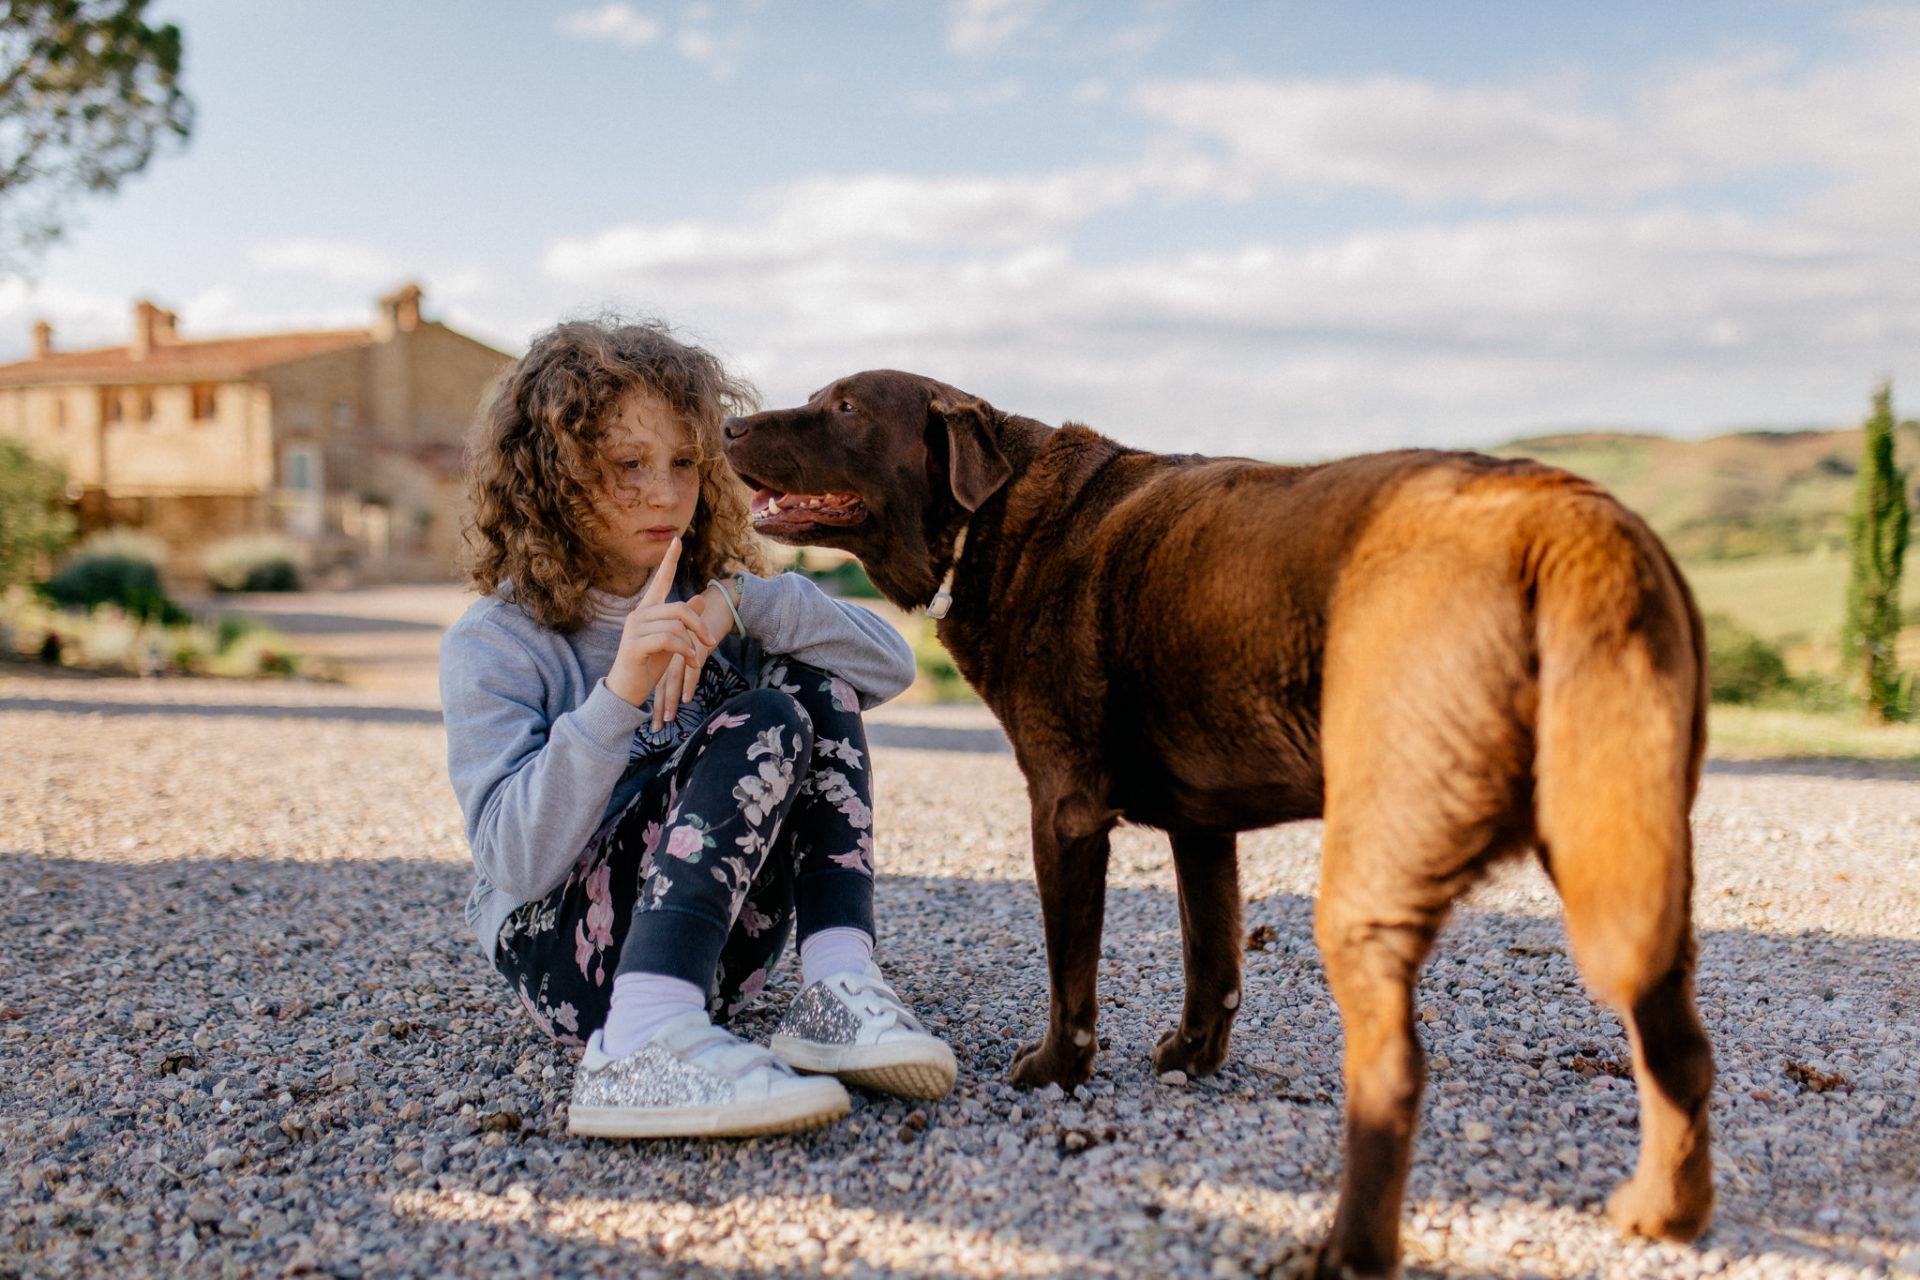 Familienbilder Urlaub-Family Fusion Italien-lebhafte Familie-italienischer Spirit-Dimora Santa Margherita-Ungestellte Familienbilder-Labrador Familienhund